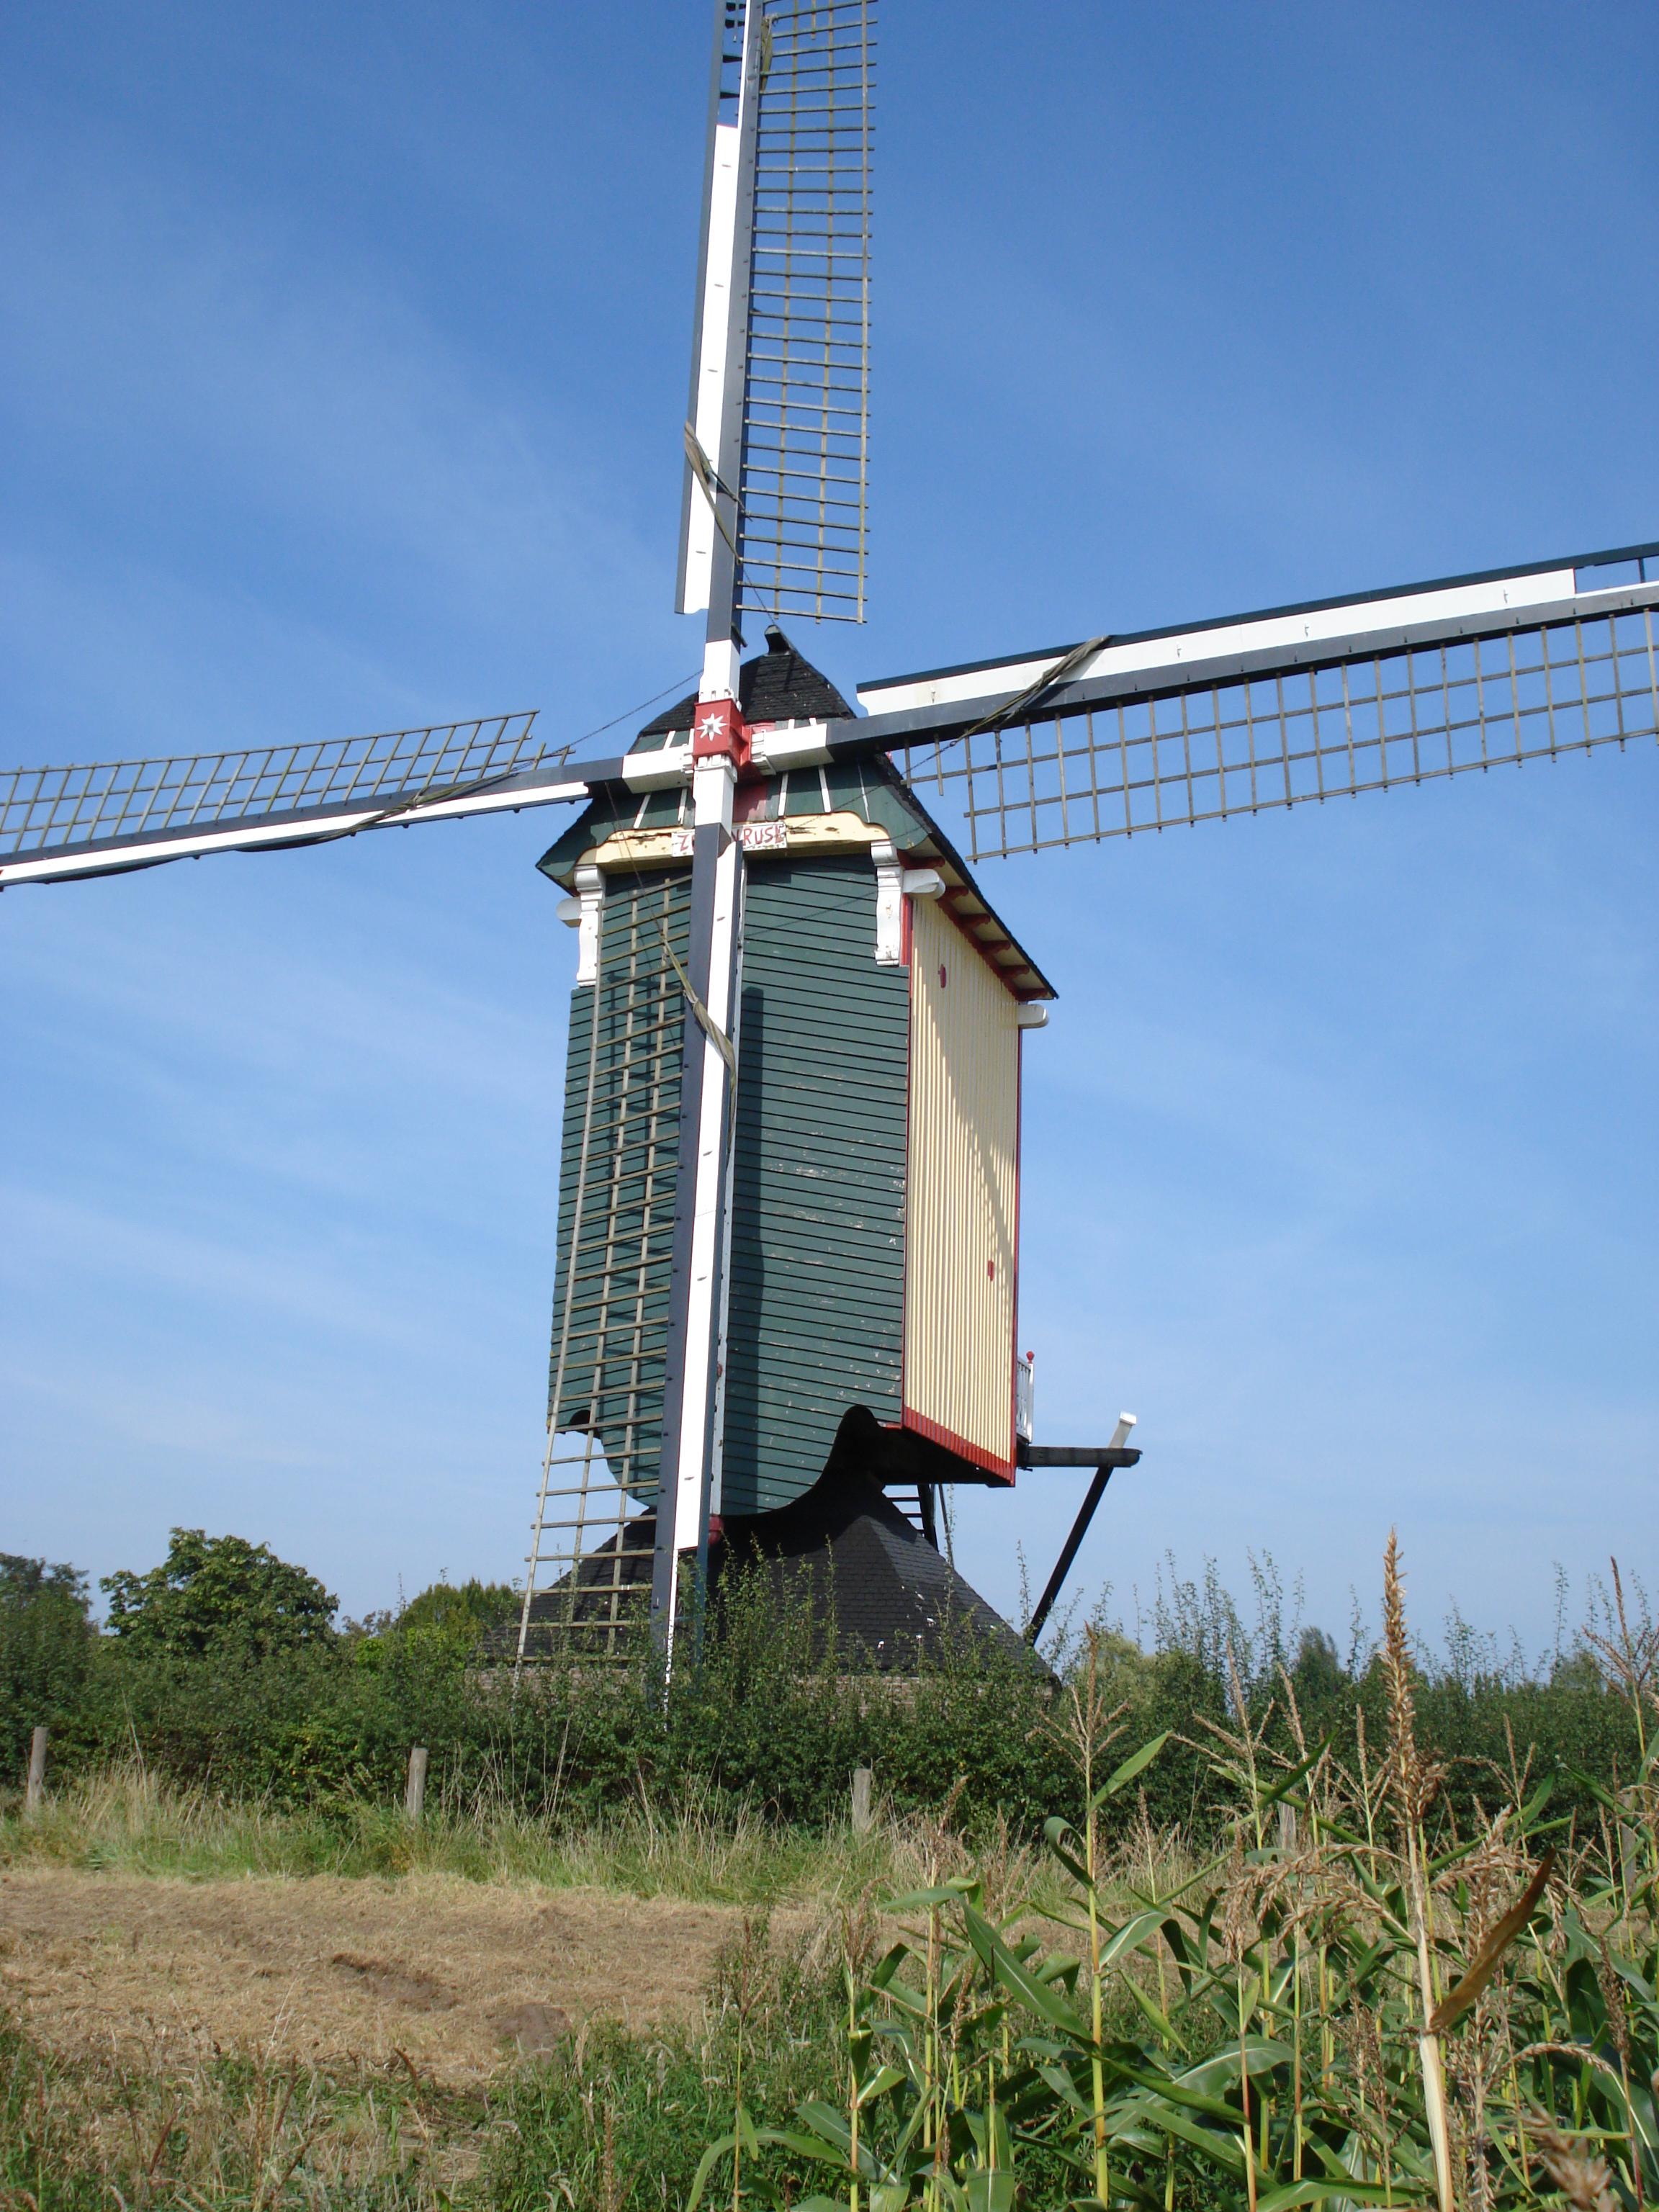 Postcode 6611 KK Heideweg Overasselt   Het Postcode en Adresboek van Nederland